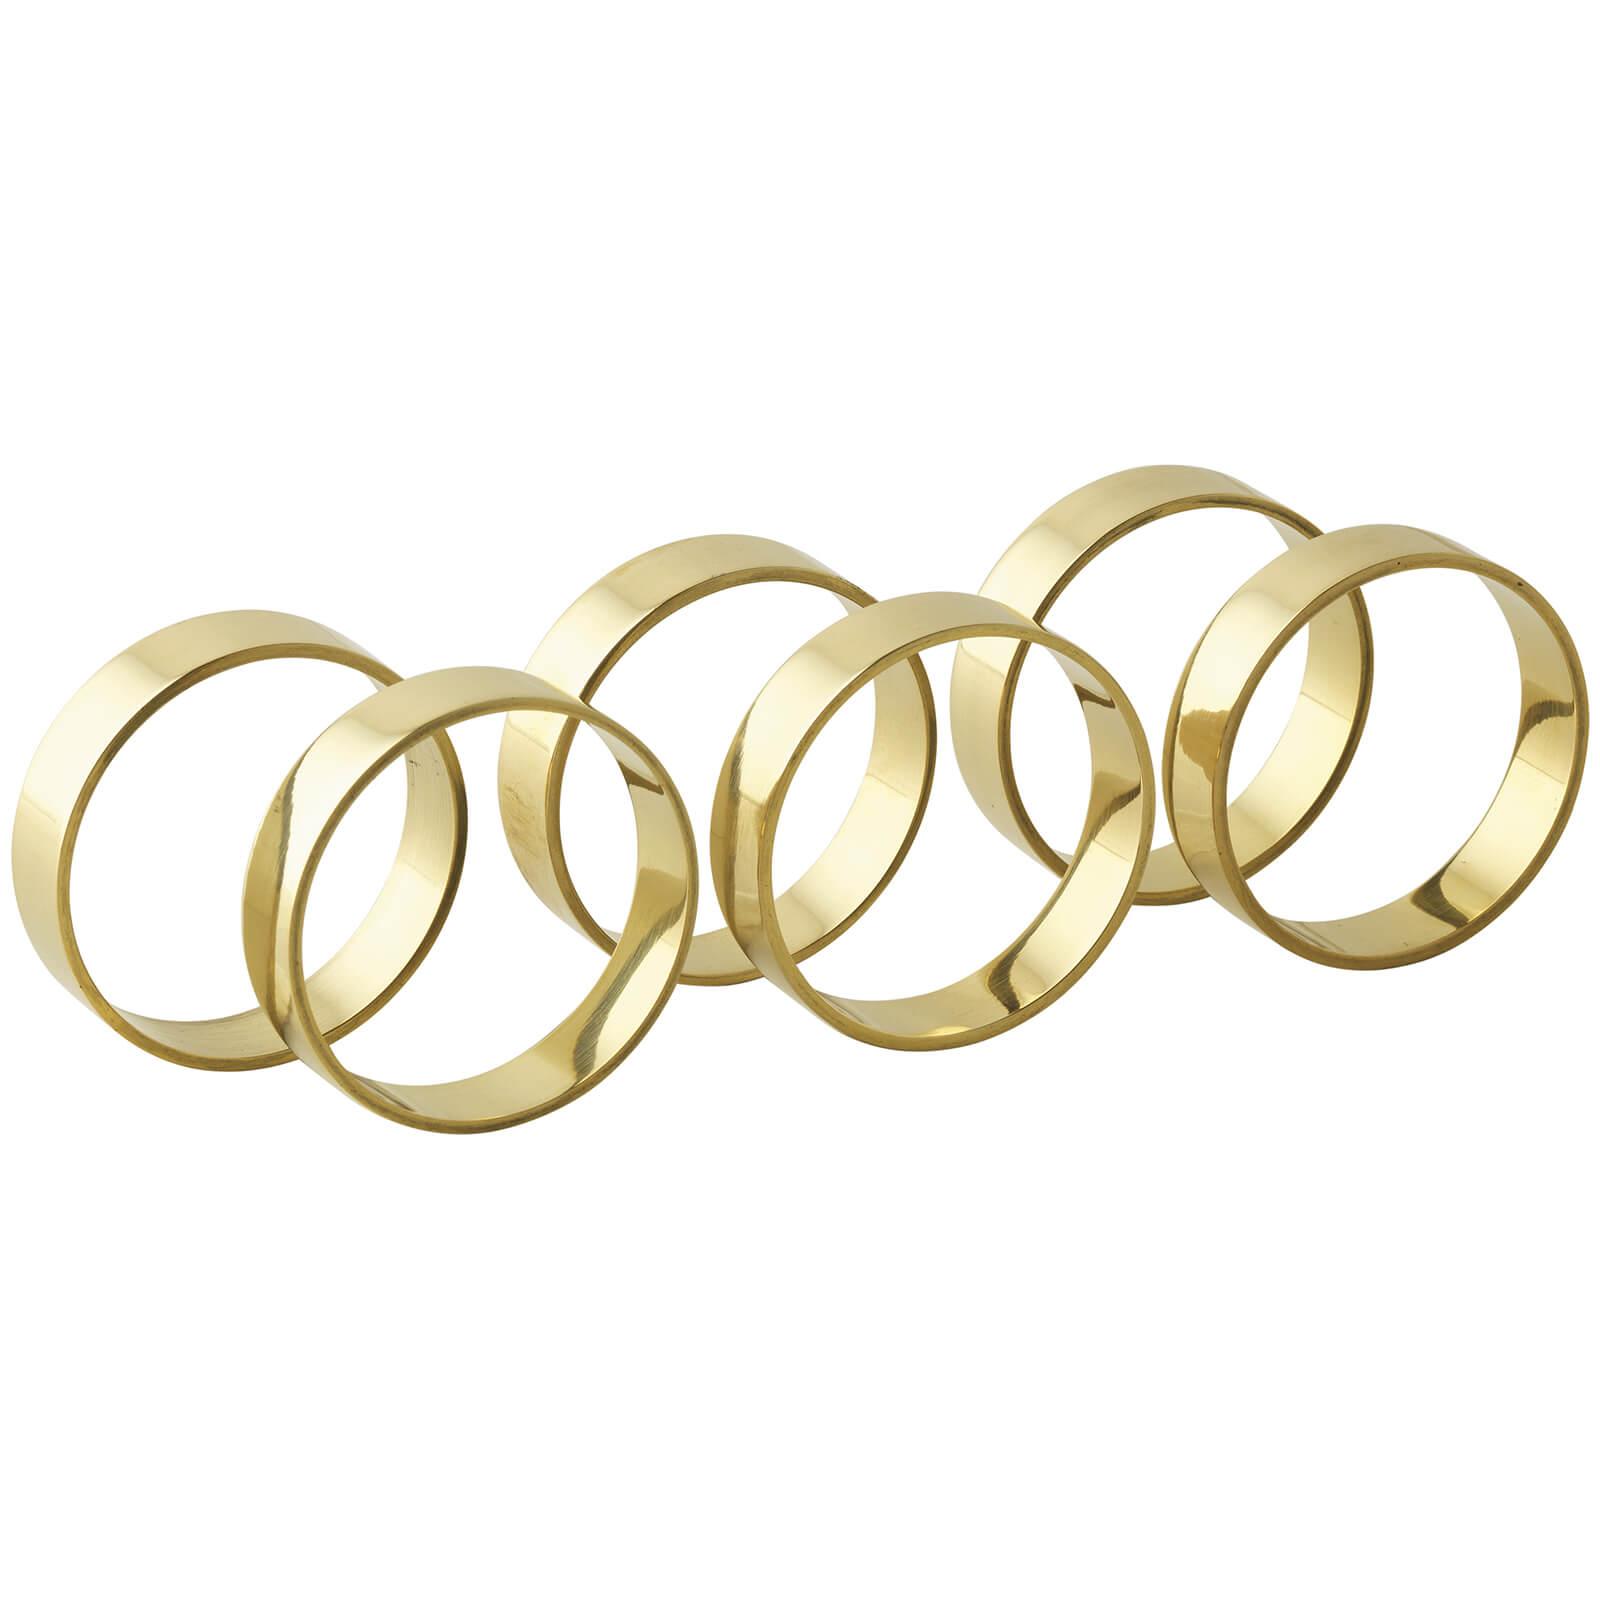 Broste Copenhagen Napkin Rings - Brass (Set of 6)